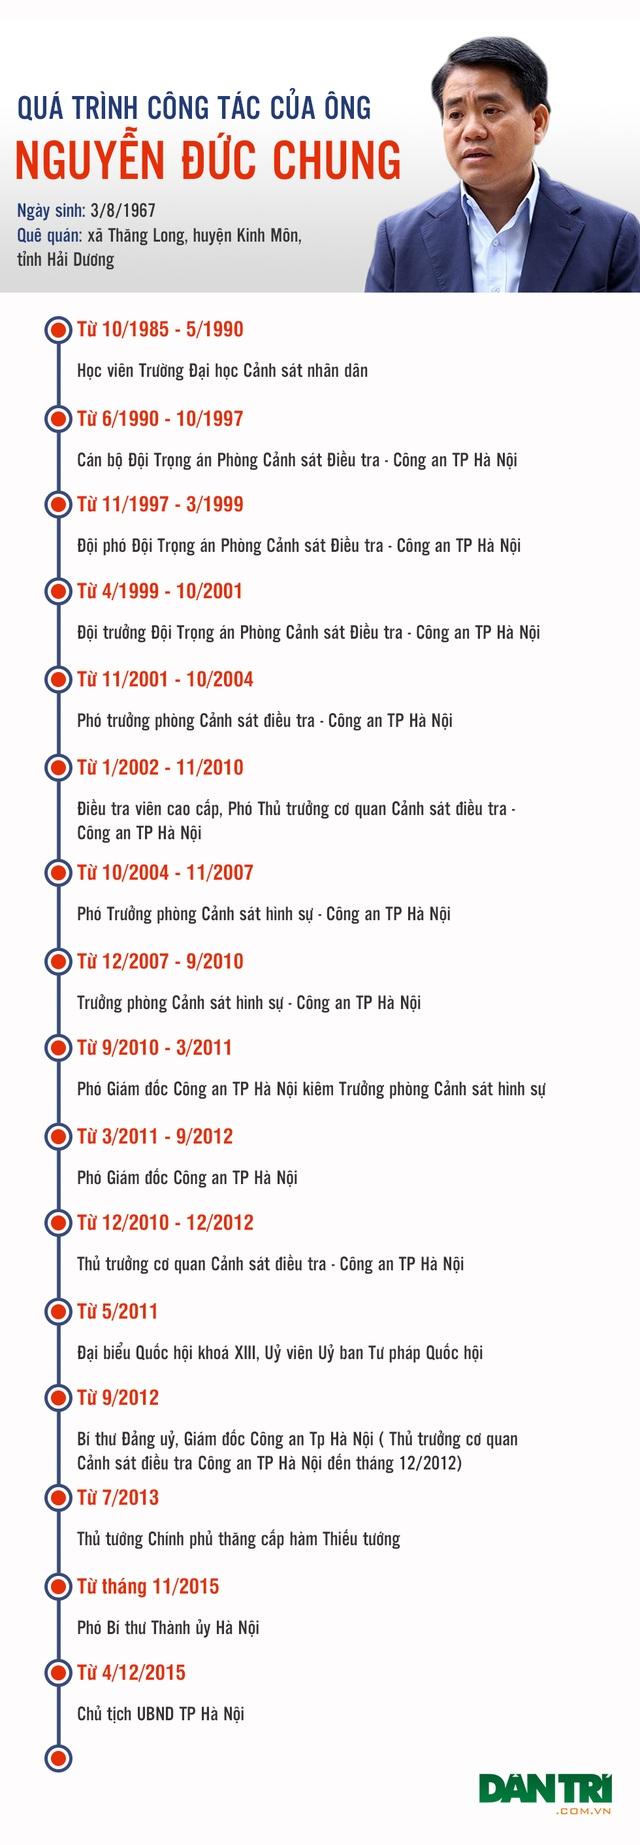 Quá trình công tác của ông Nguyễn Đức Chung - 1